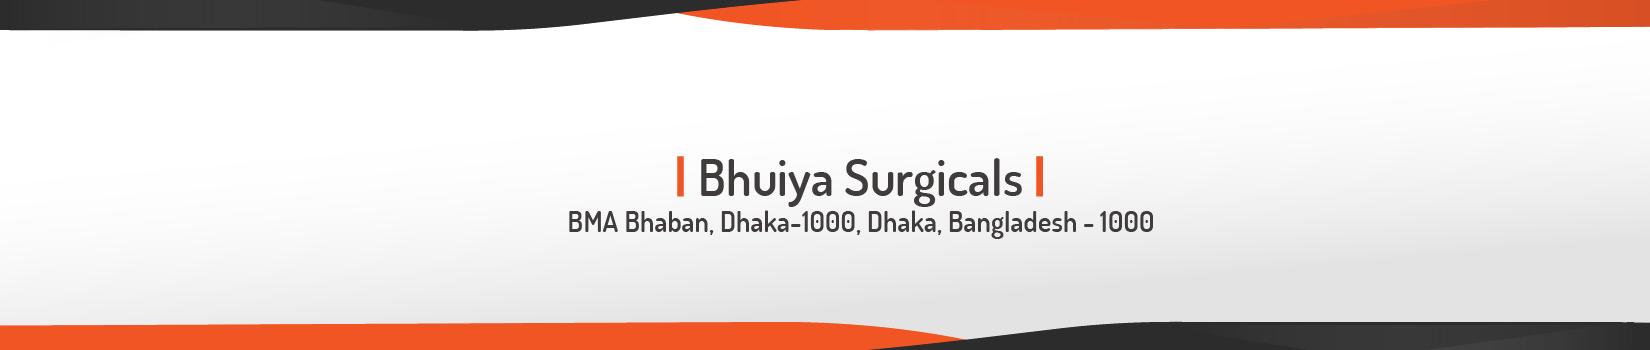 Bhuiya Surgicals